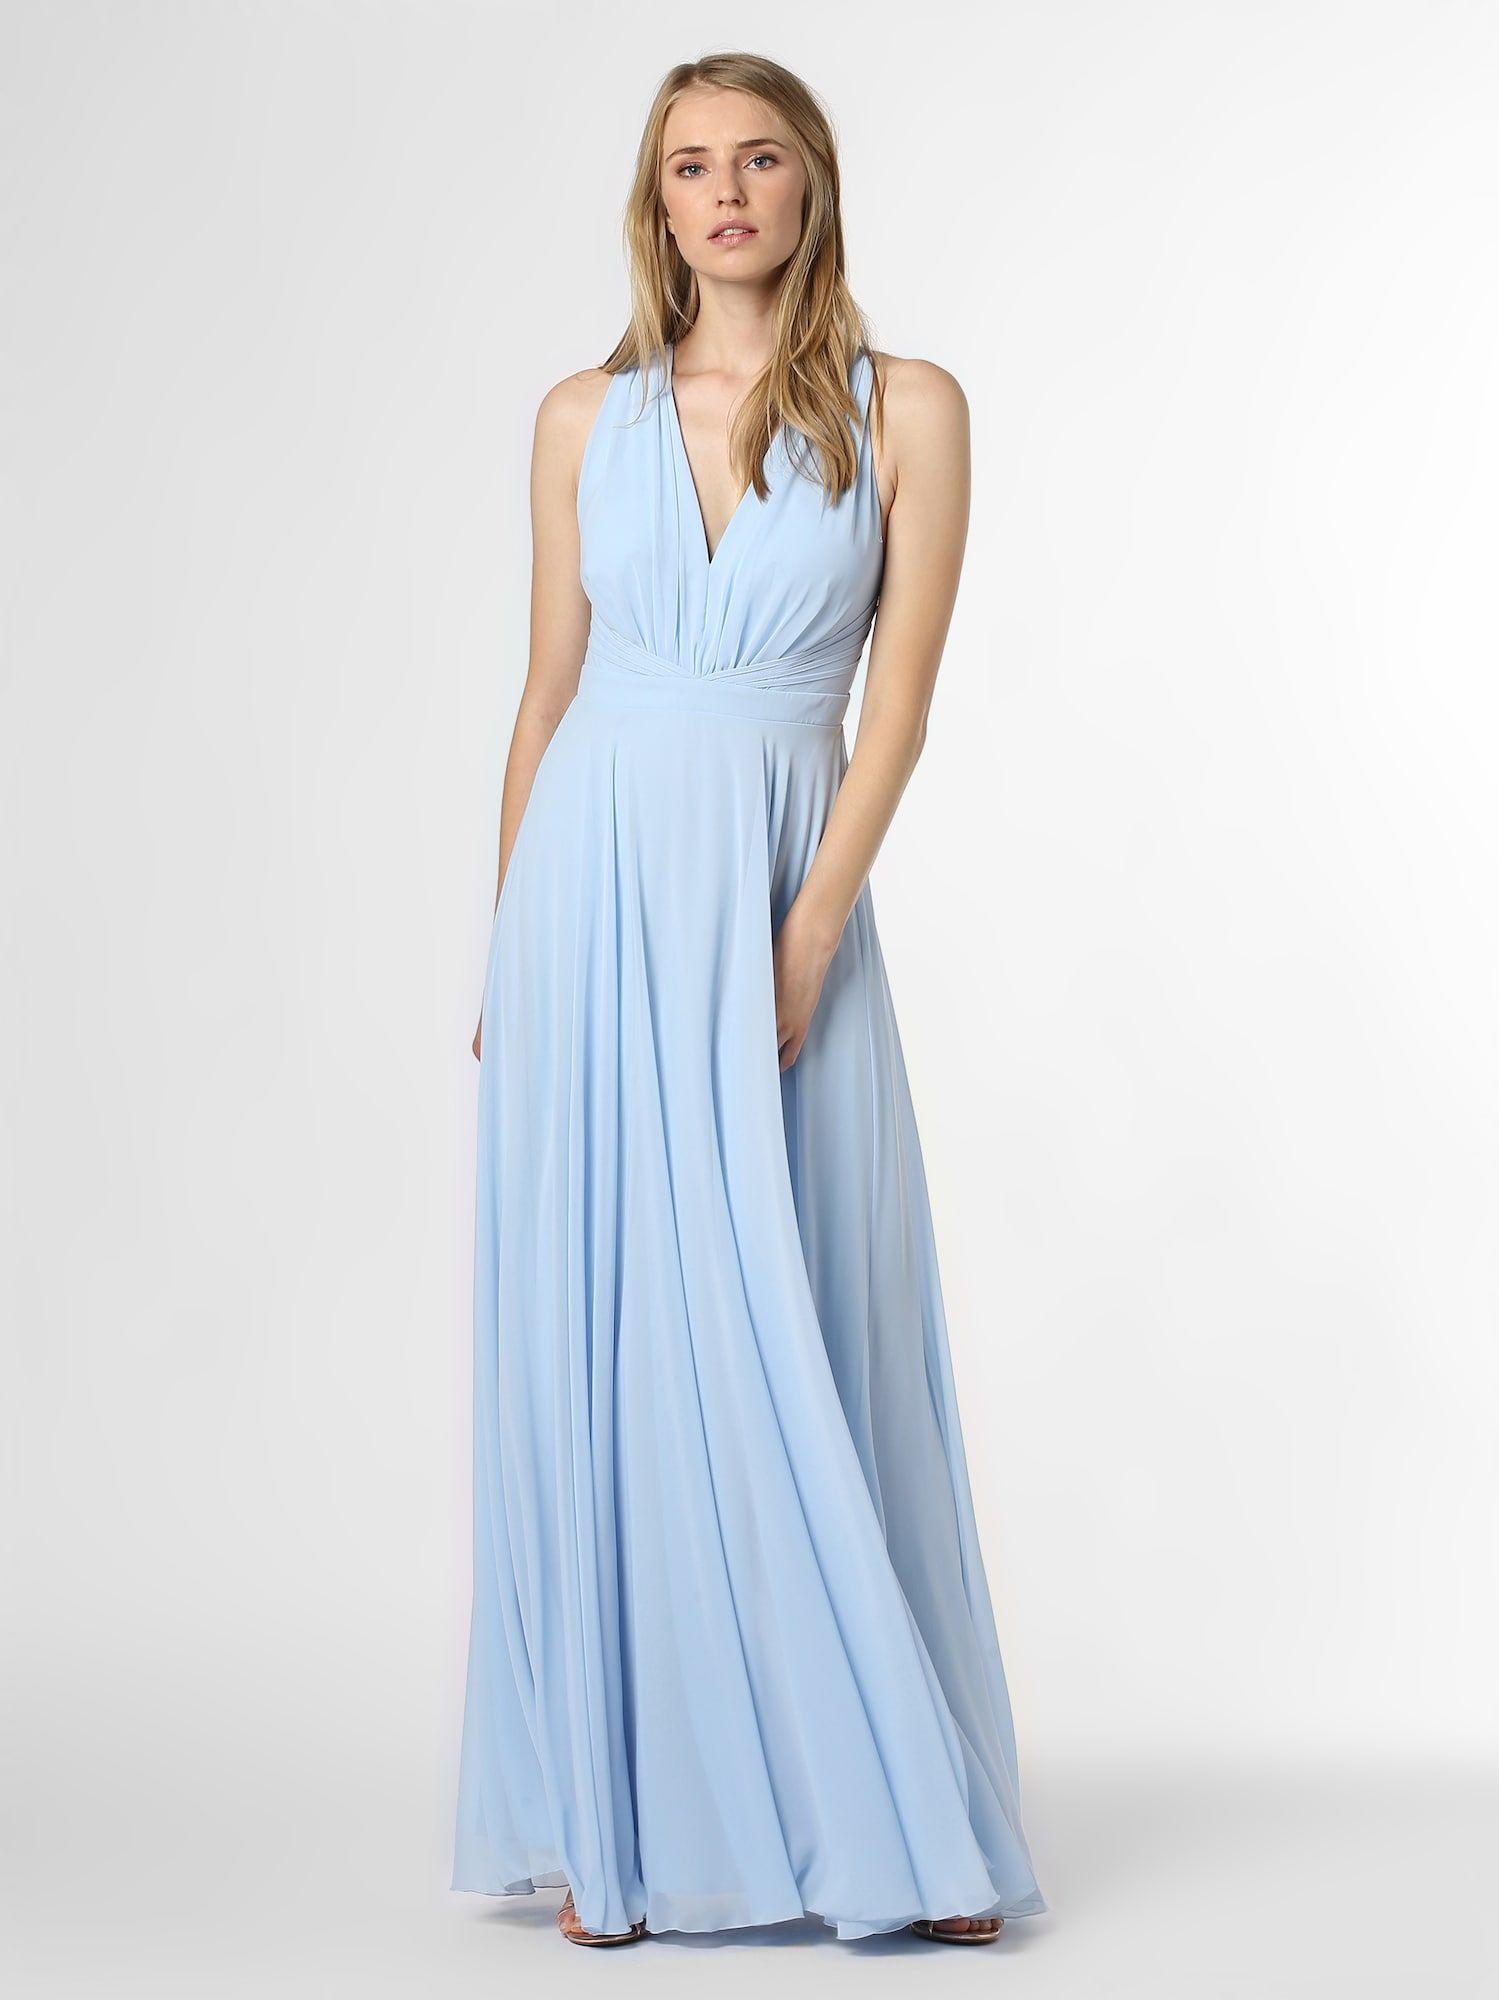 Marie Lund Abendkleid Damen Hellblau Größe 21 in 21  Festliche